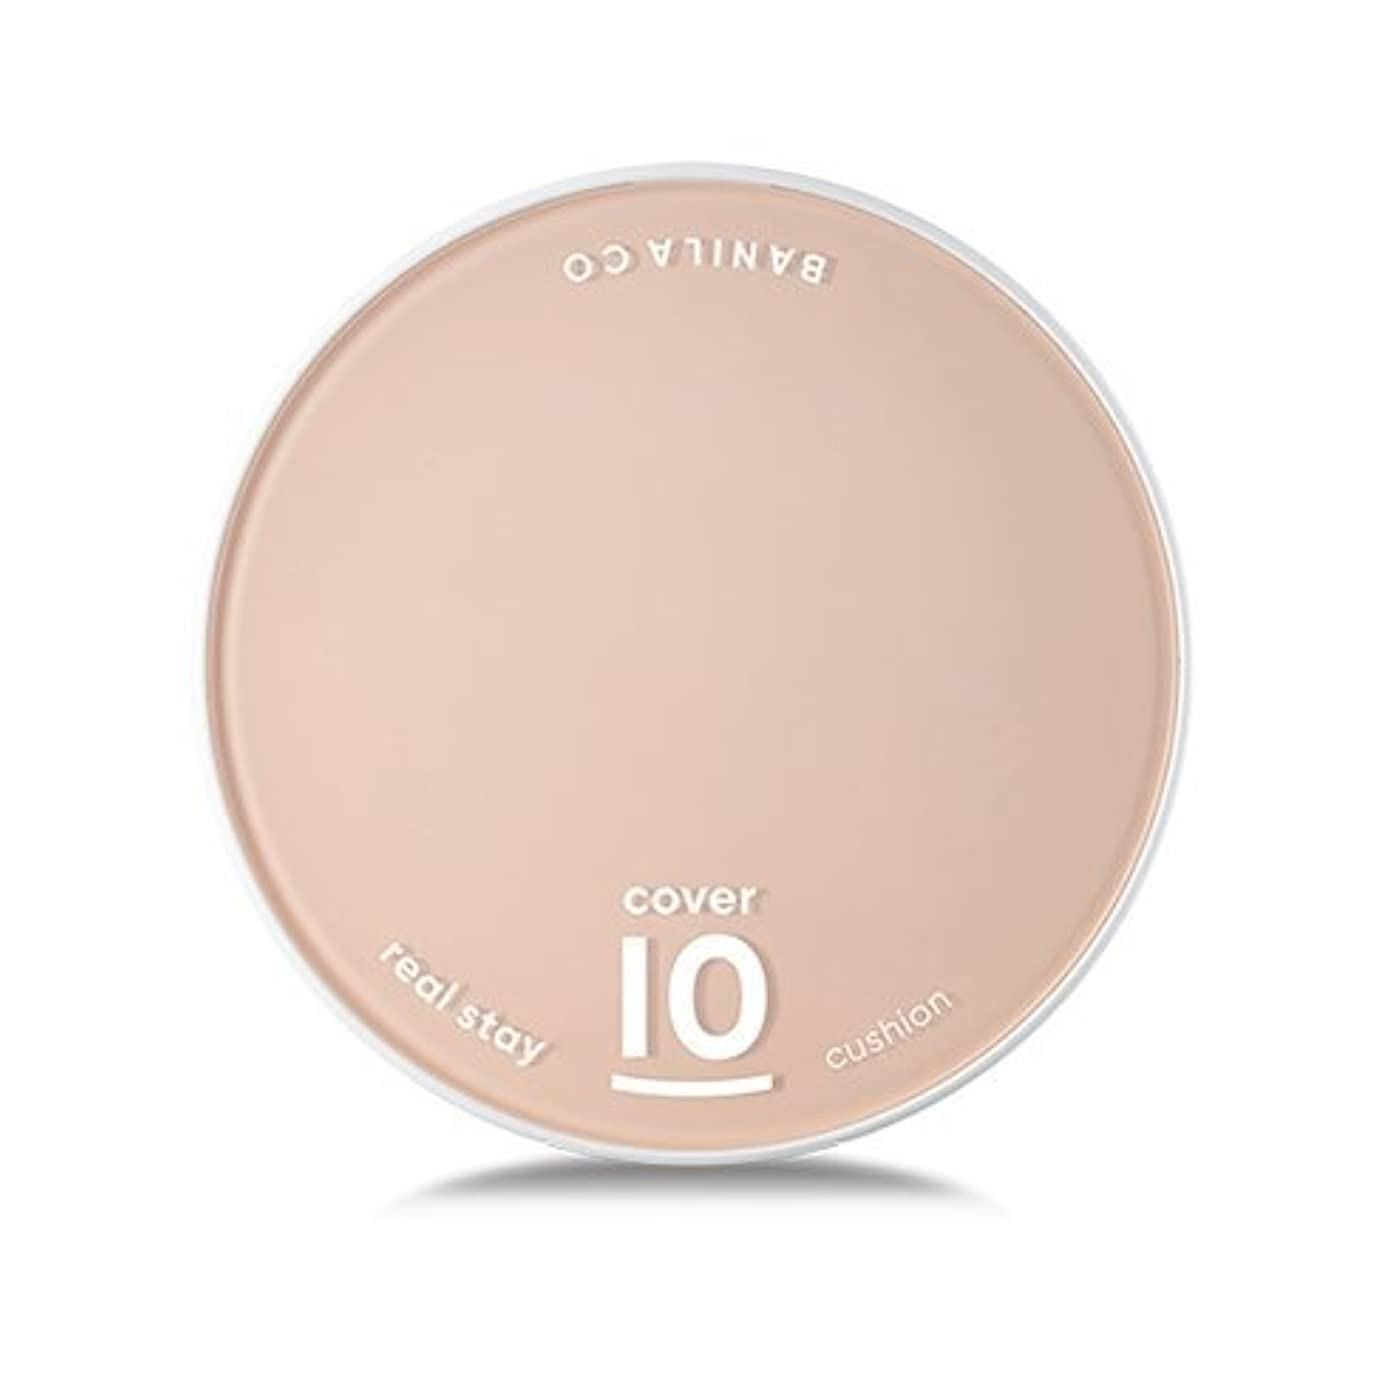 盗難レール好き[Renewal] BANILA CO Cover 10 Real Stay Cushion 15g + Refill 15g/バニラコ カバー 10 リアル ステイ クッション 15g + リフィル 15g (#BE20) [並行輸入品]